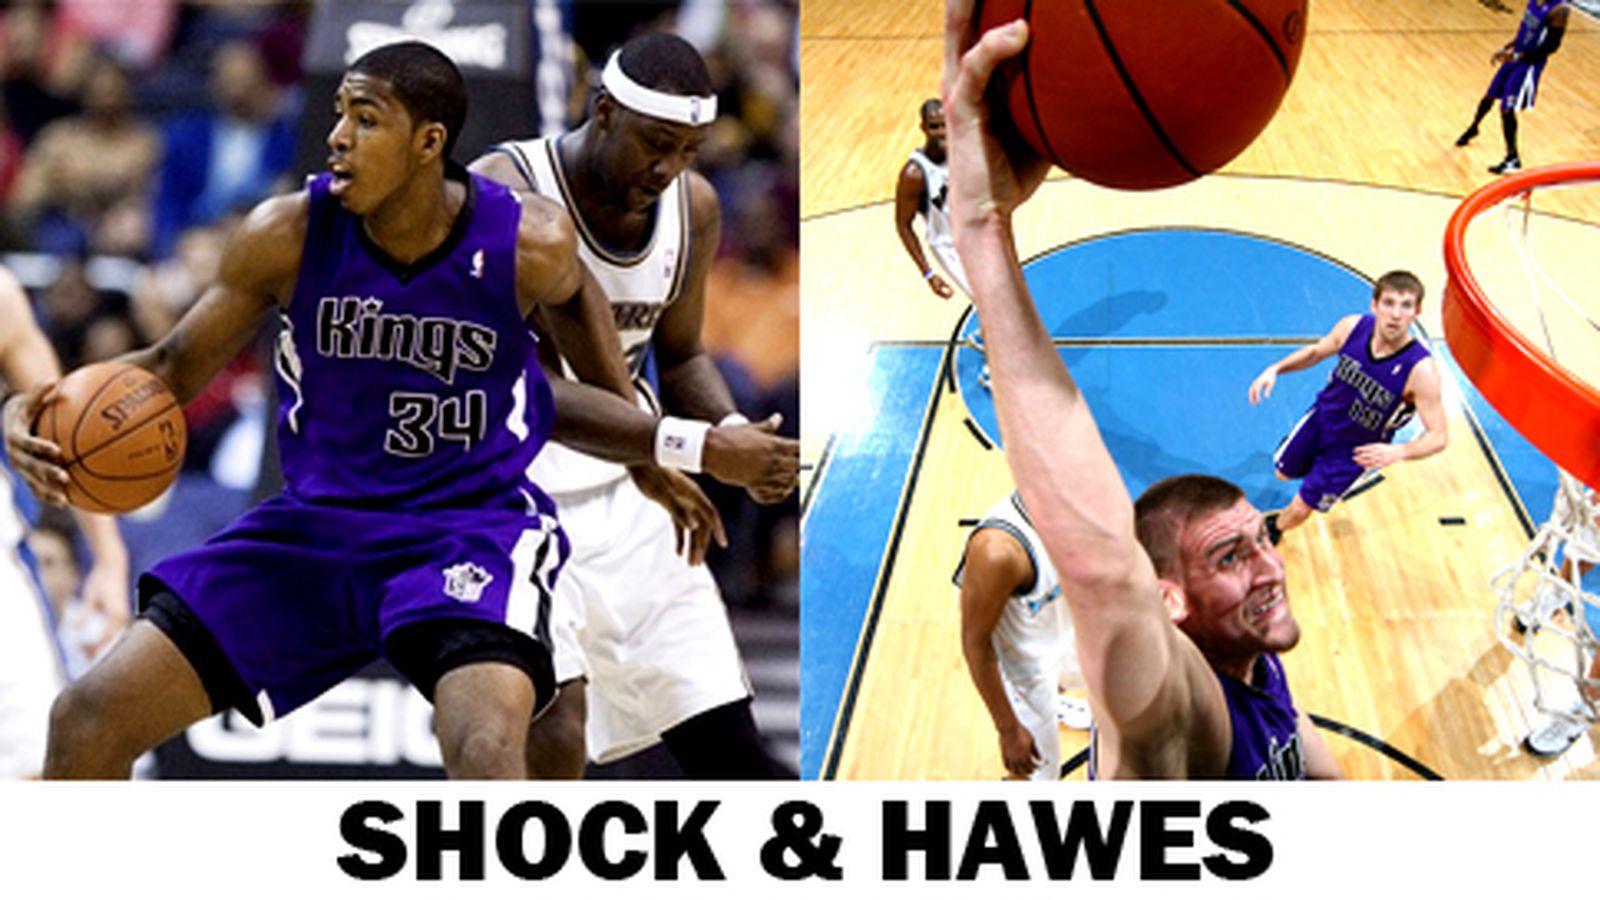 Shockhawes.0